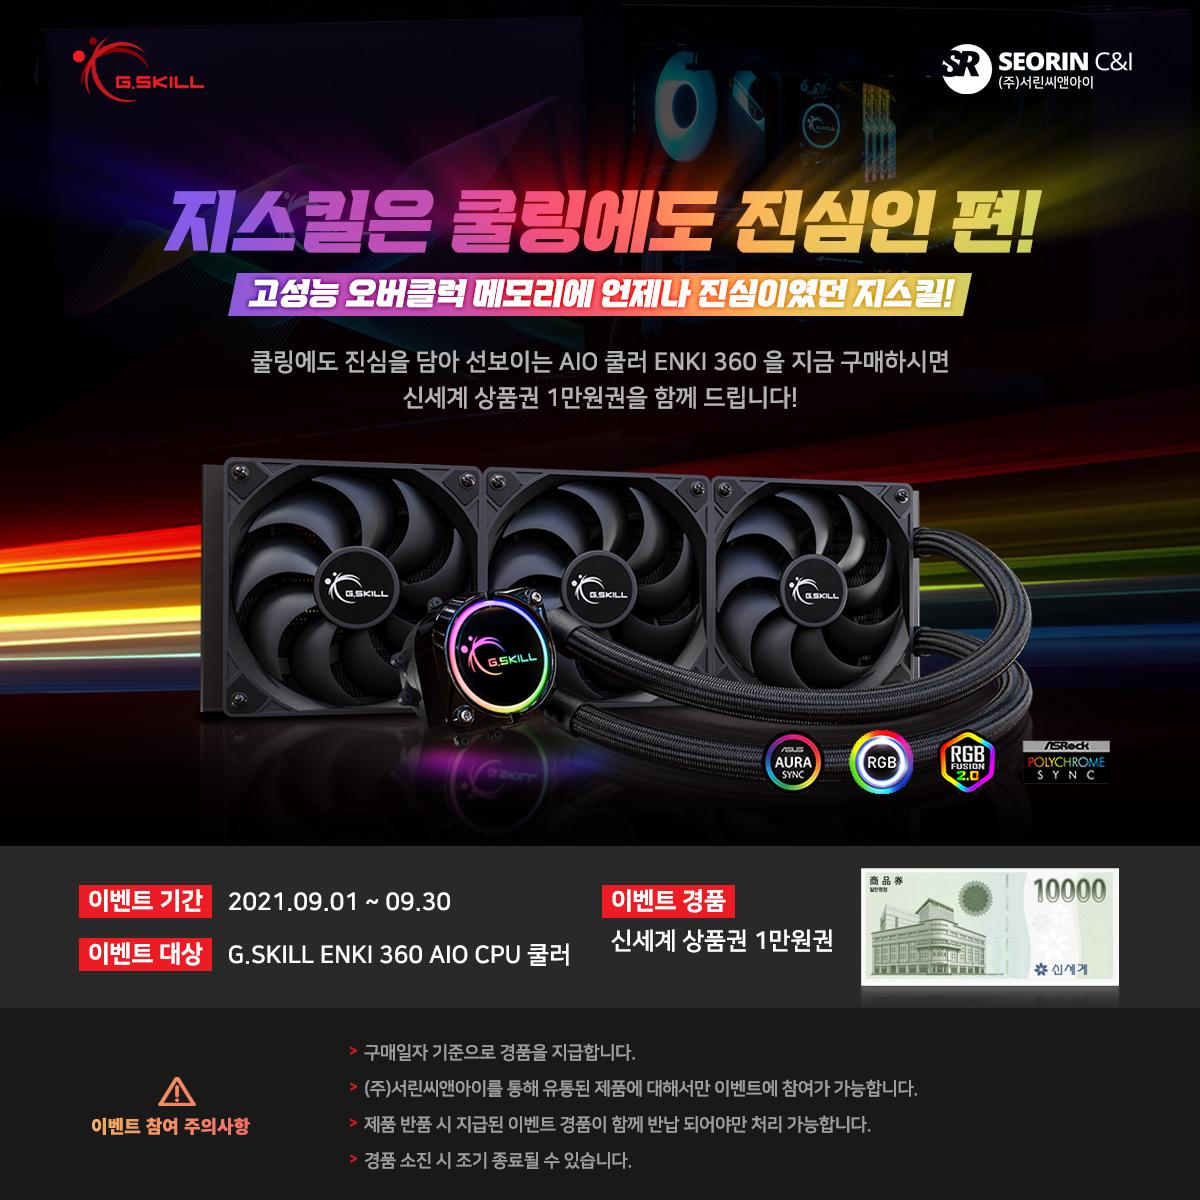 지스킬은 쿨링에도 진심인 편! ENKI 360 구매 시 상품권 증정 이벤트!